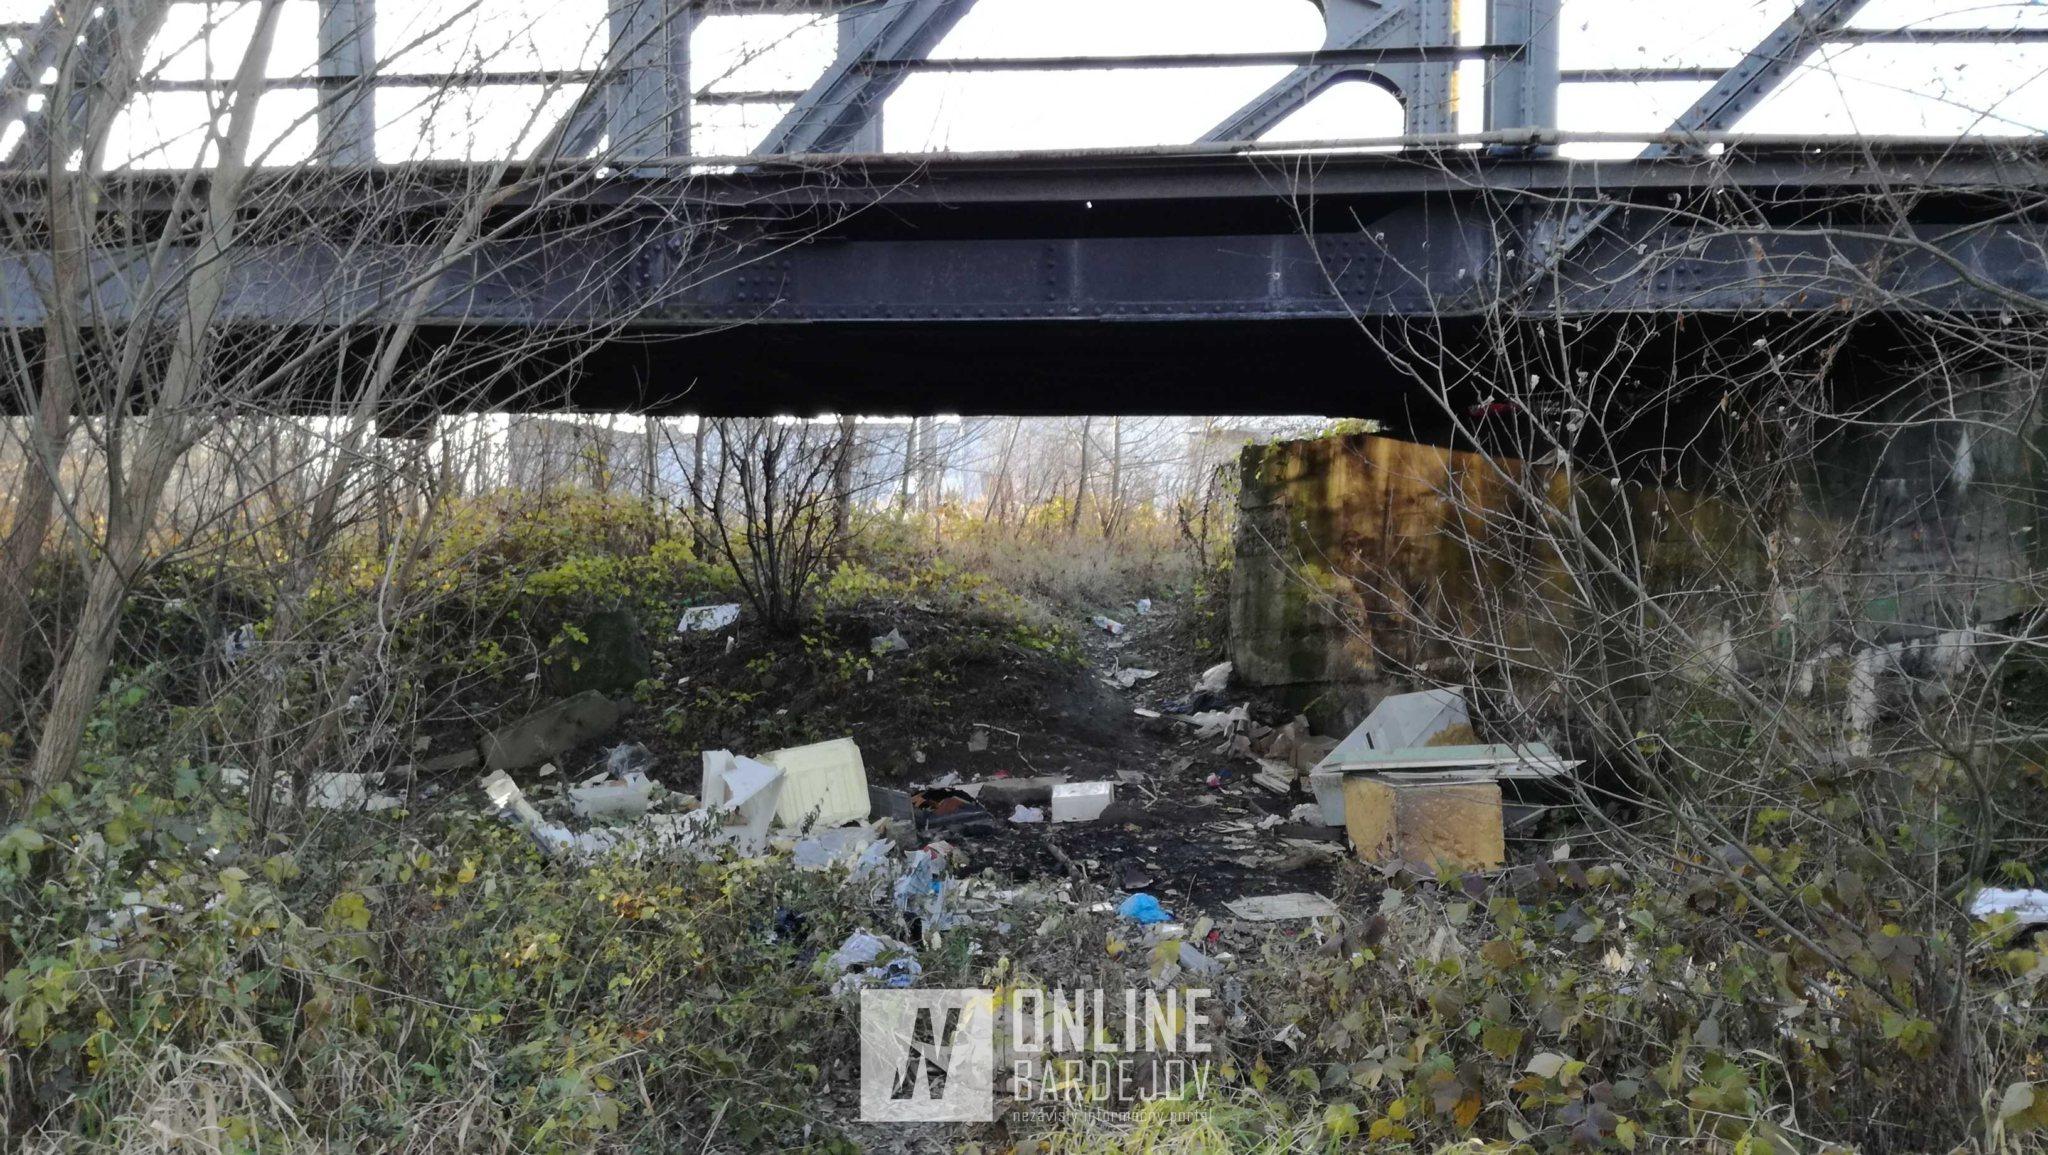 Odpad pod mostom sa hromadí aj v súčasnom období